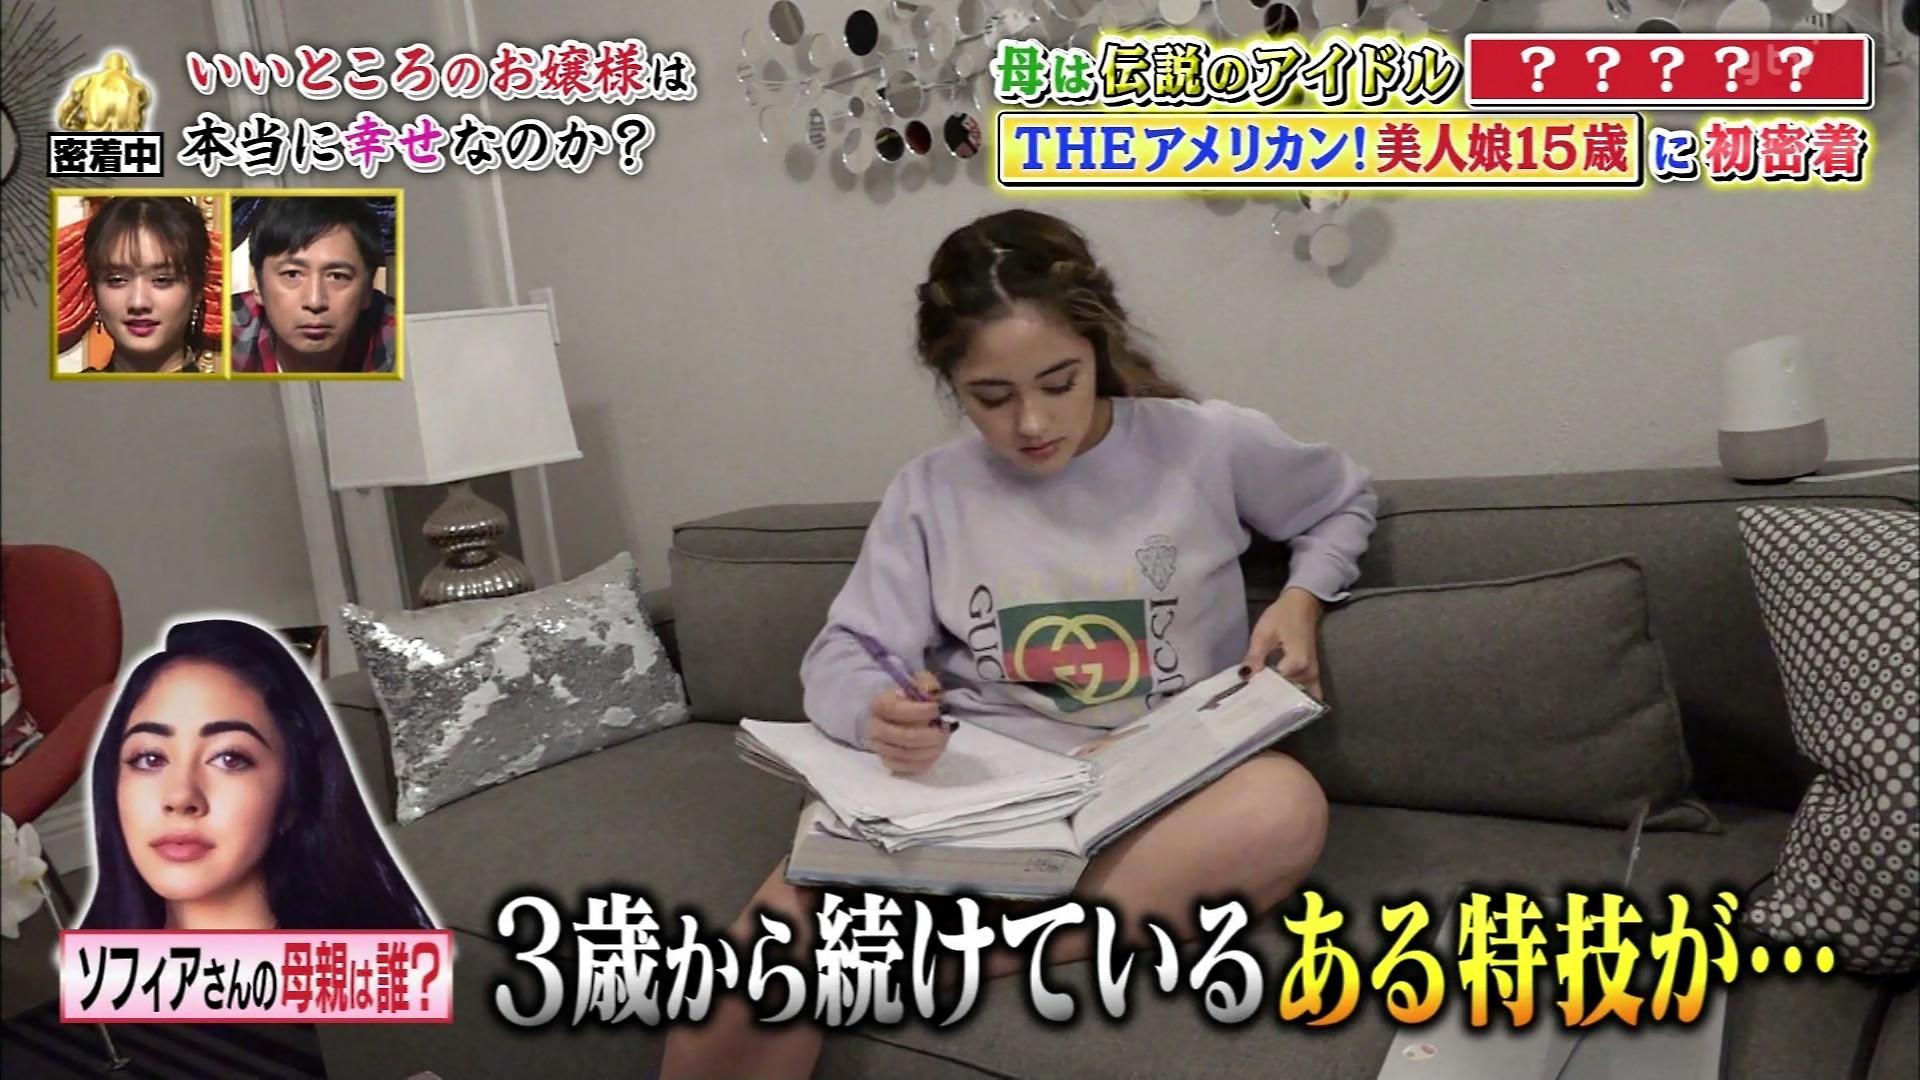 武田久美子_ソフィア_ボディコン_テレビキャプ画像_04